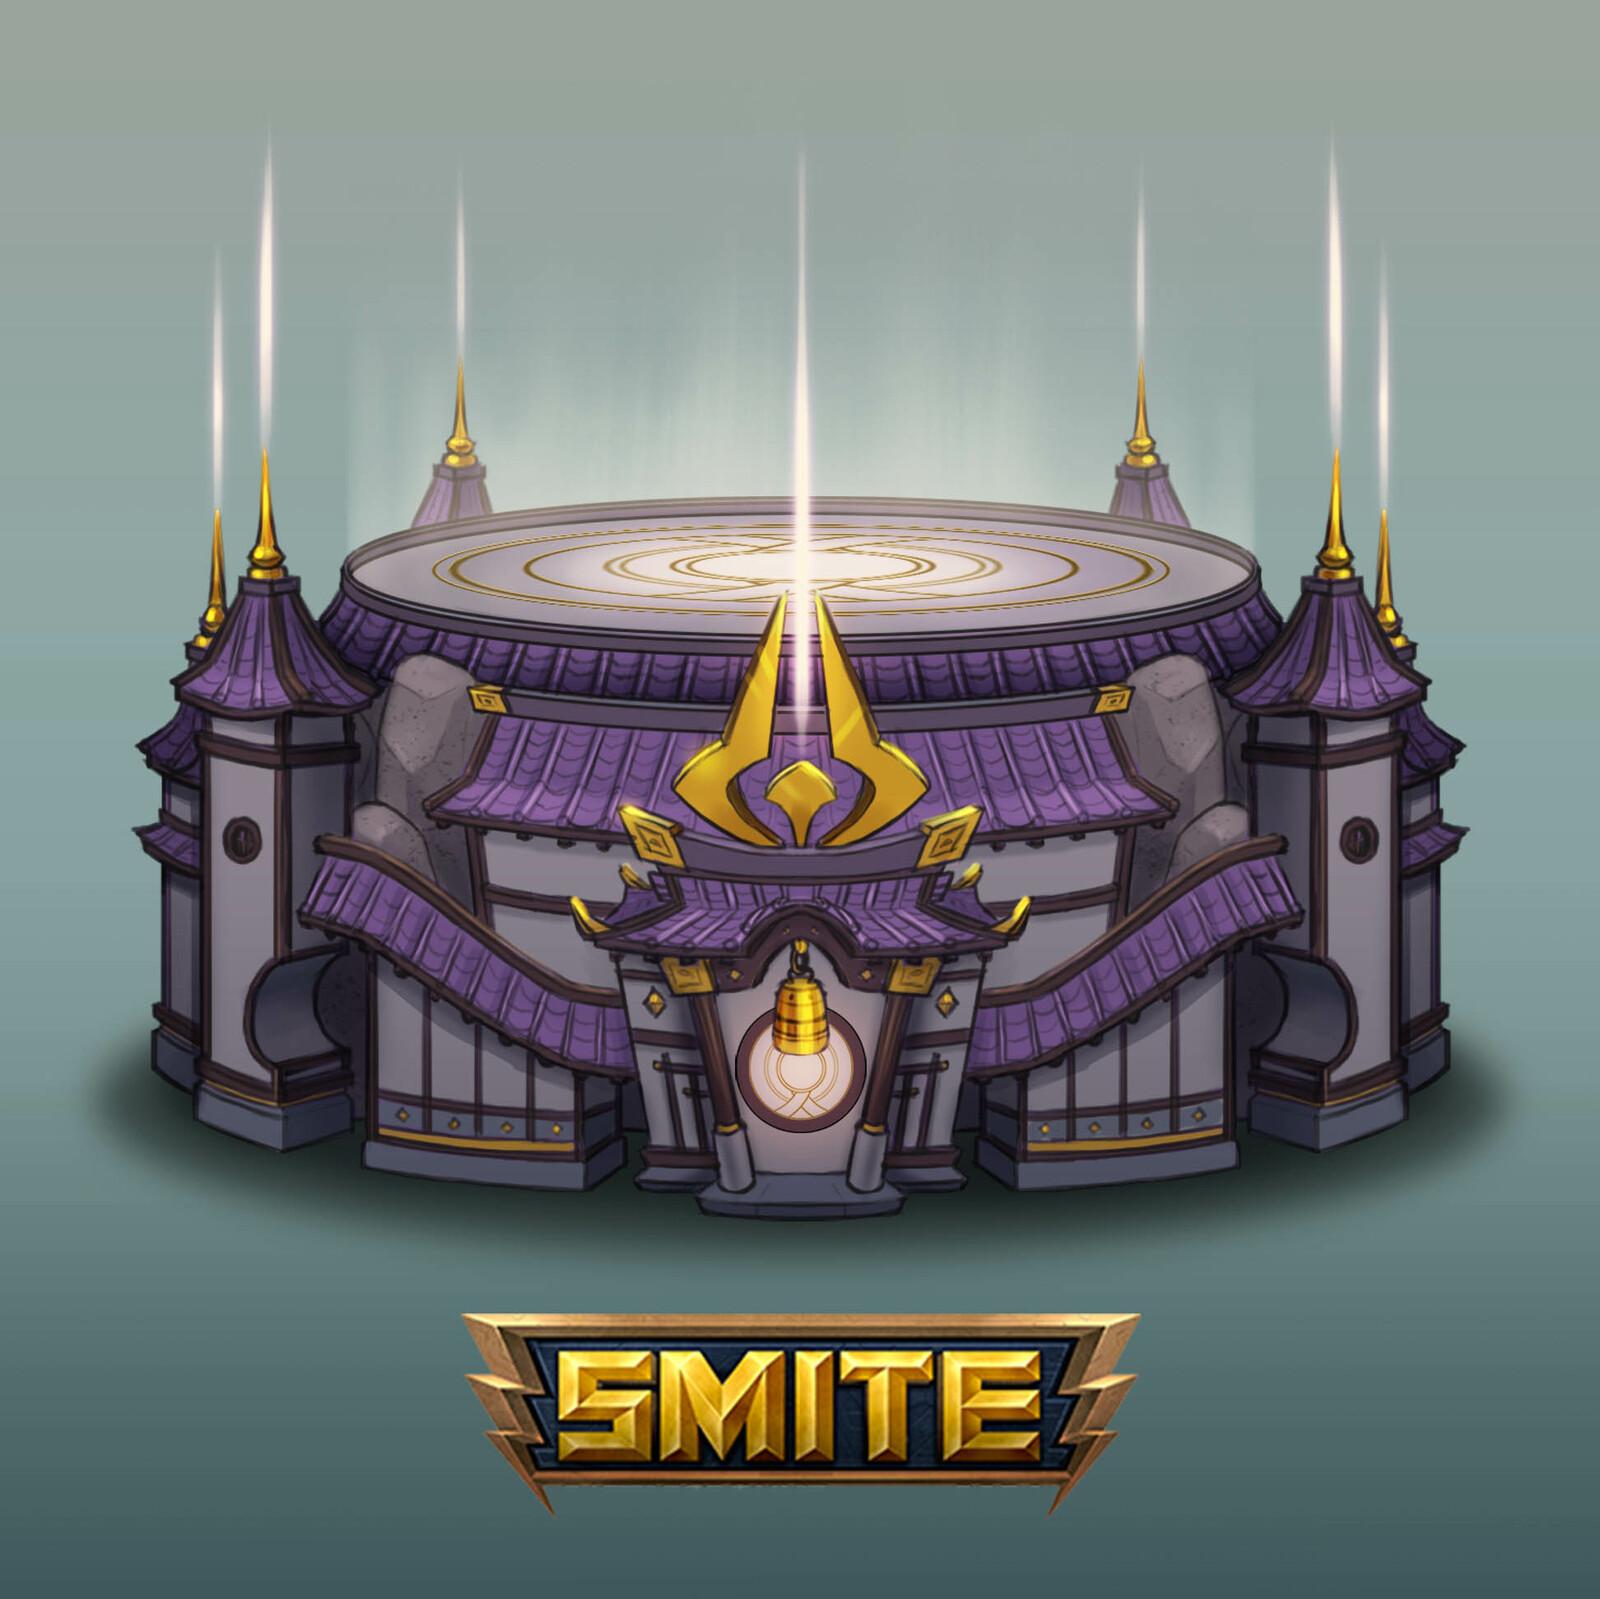 pedestal concept design_ Smite game